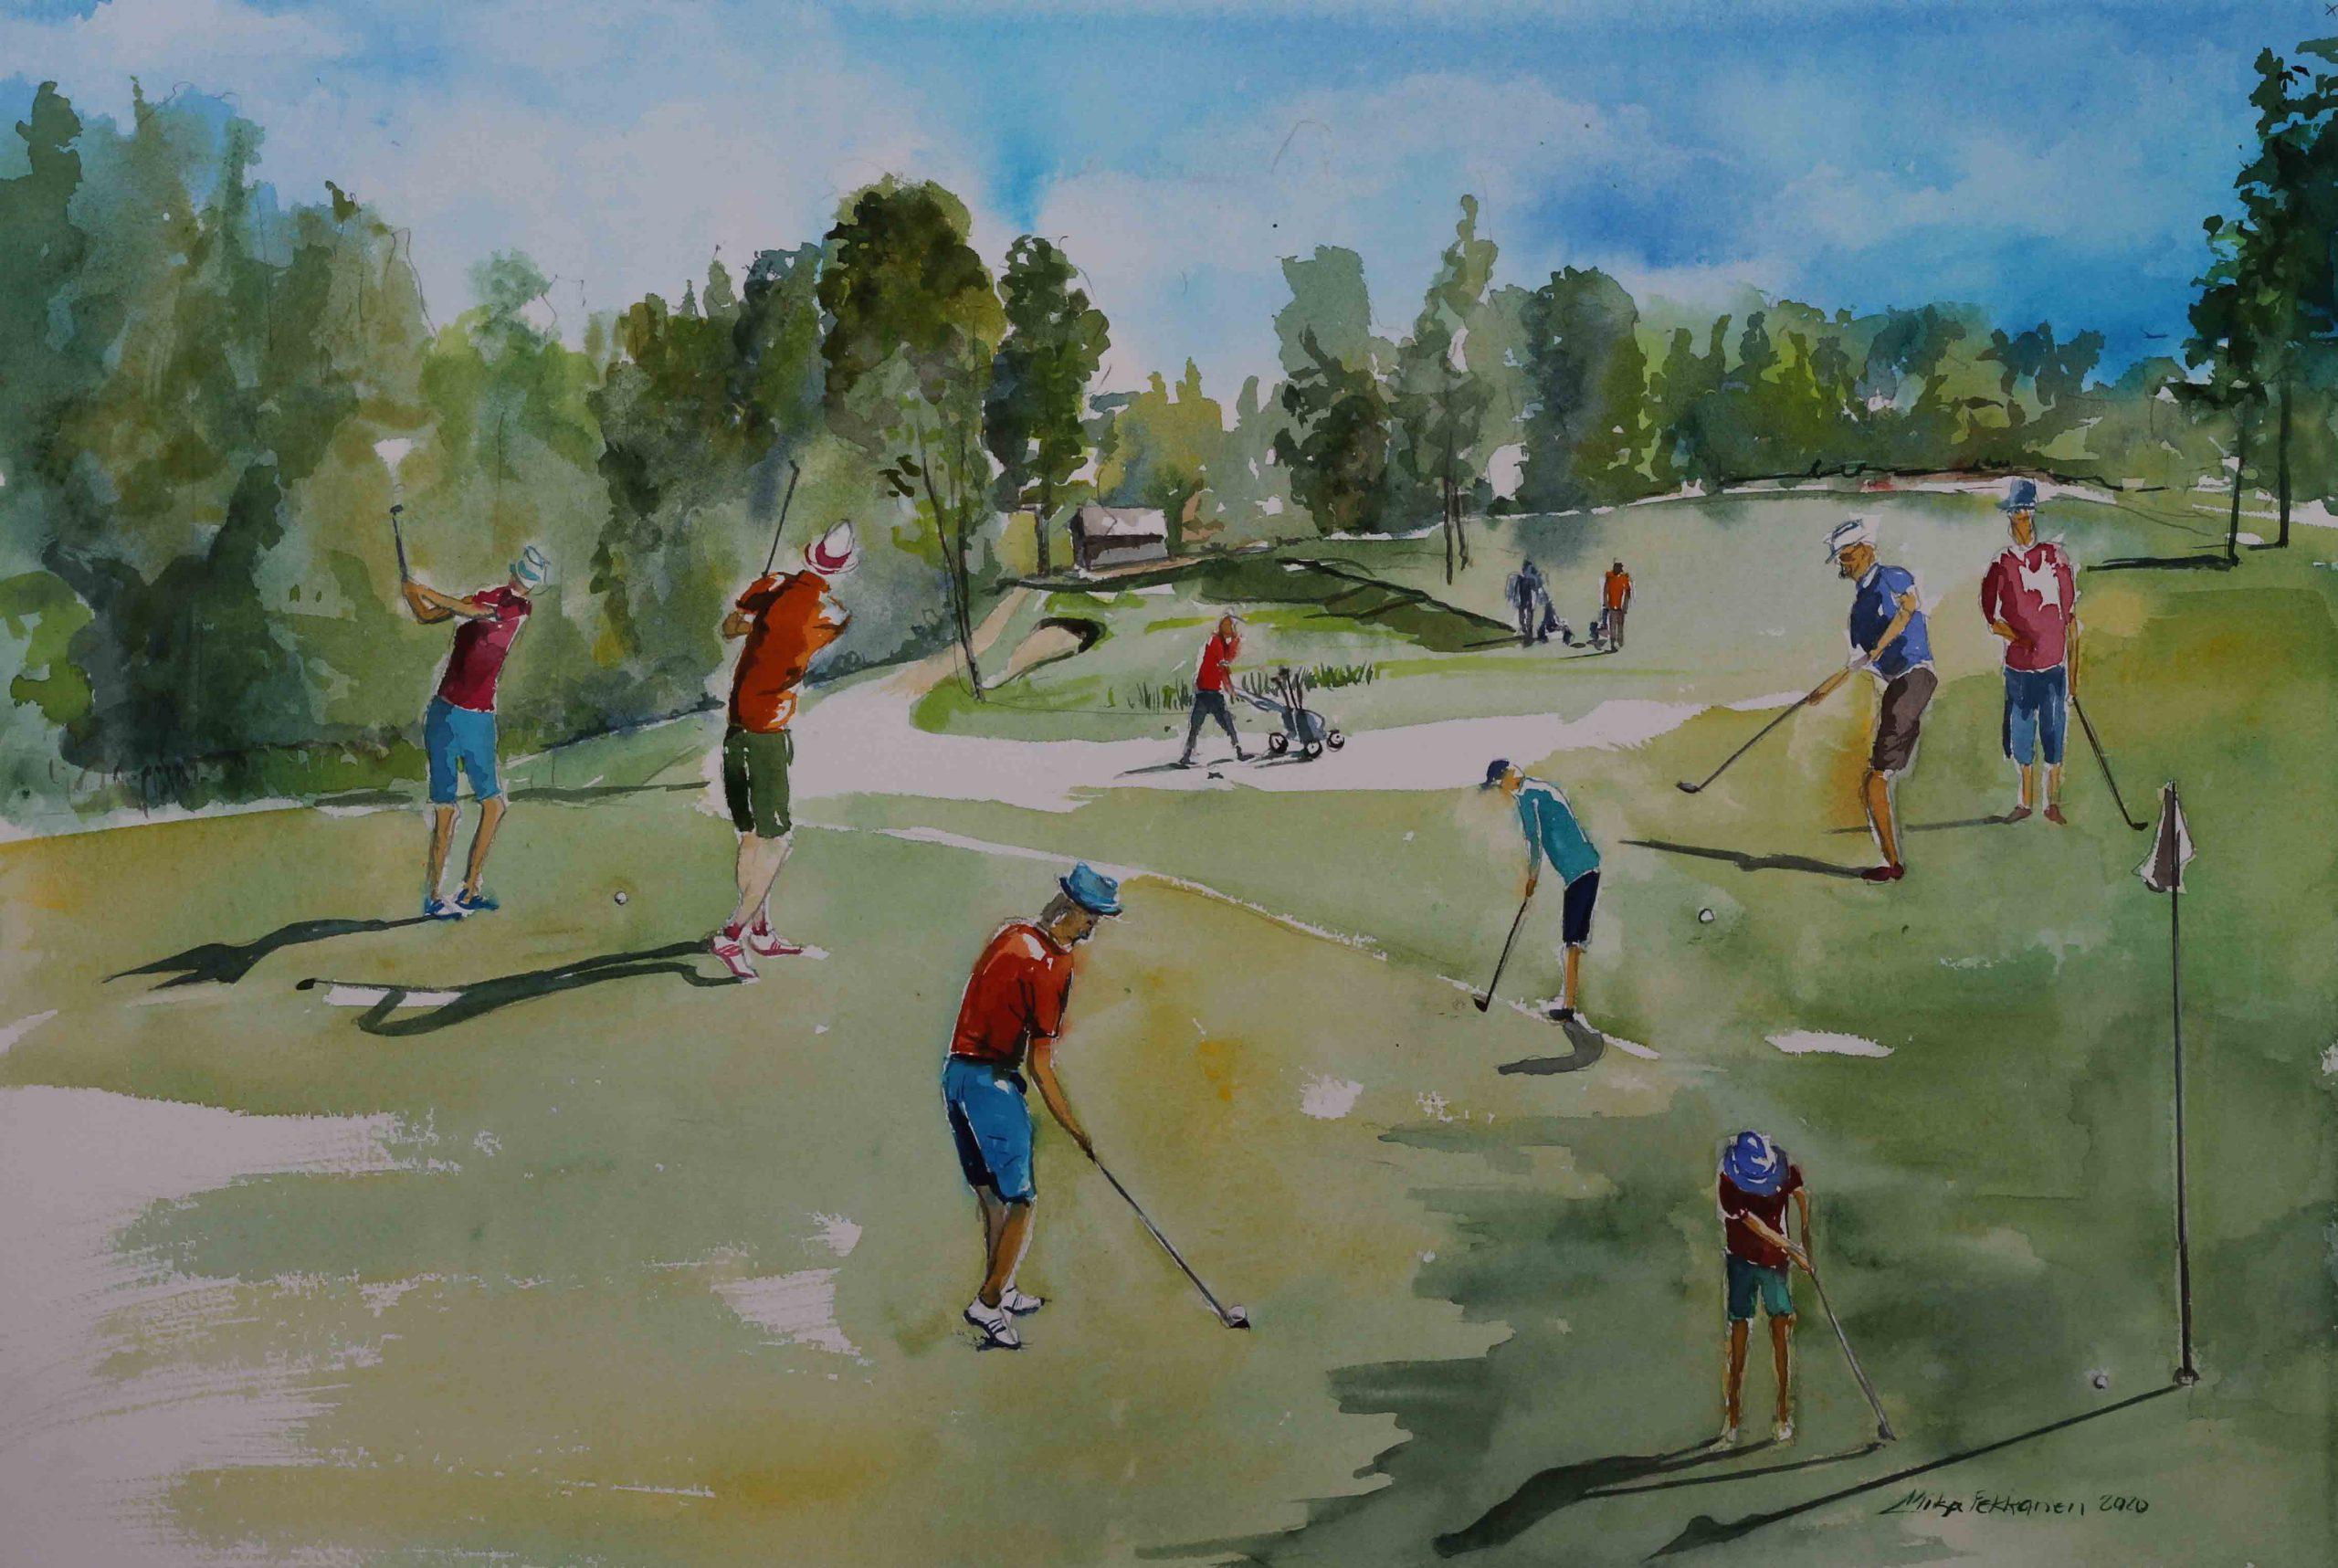 Jyväs-Golf Bar Fore! kahvila-ravintolassa Mika Pekkasen akvarellimaalauksia Sippulanniemen golfkentältä.